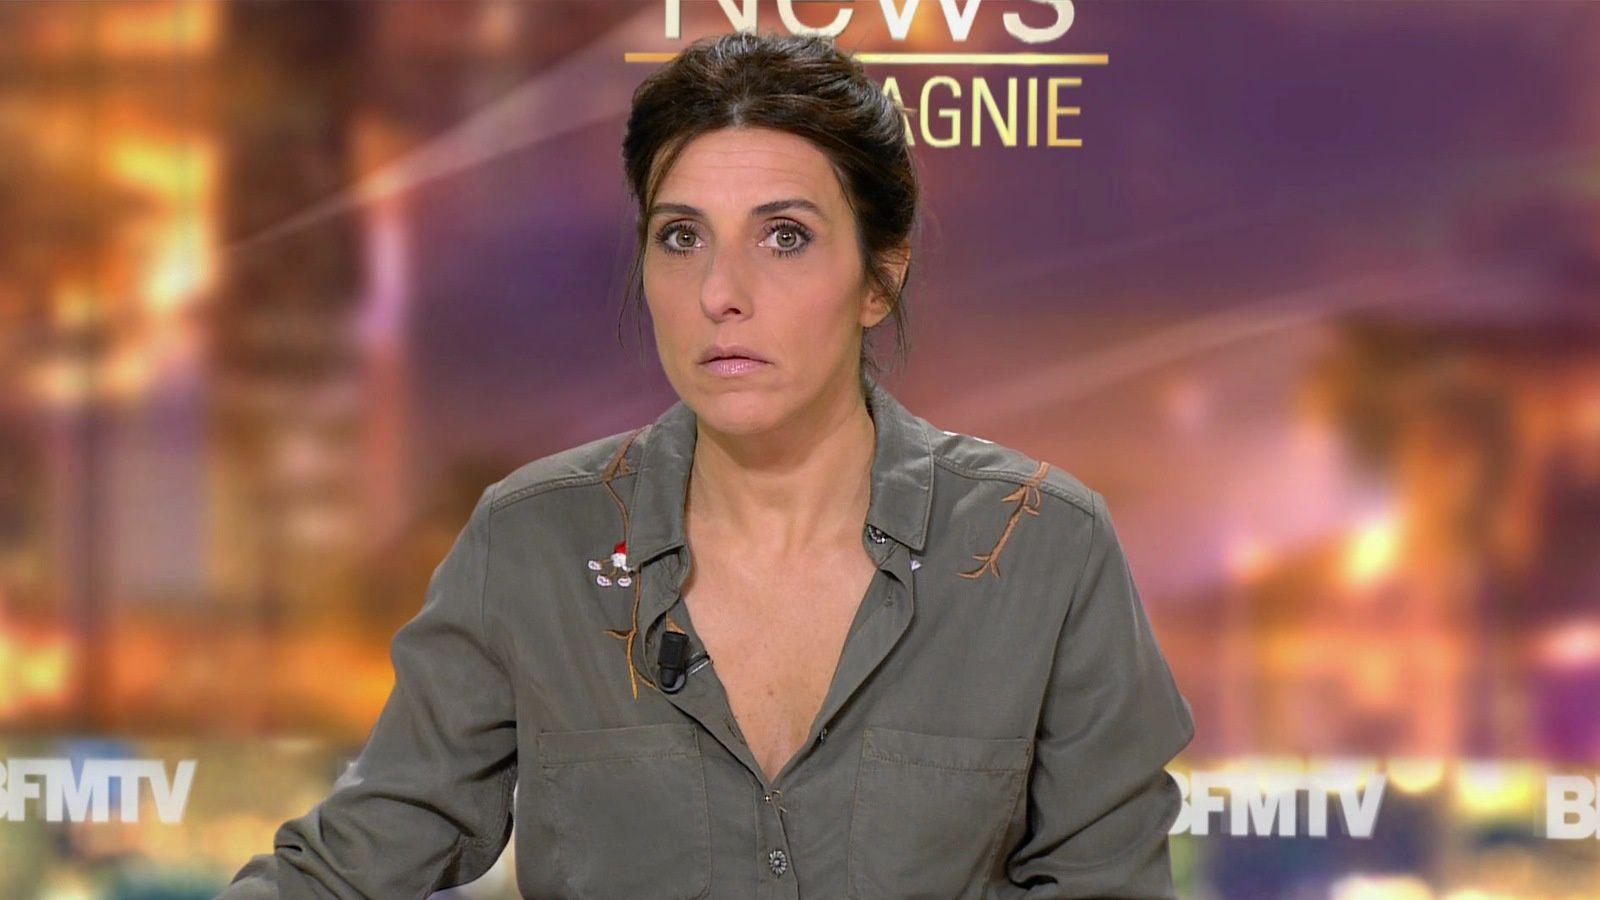 📸7 NATHALIE LEVY @NathalieLevyNC @JohannaCarlosD8 ce soir pour #newsetco @bfmtv #vuesalatele